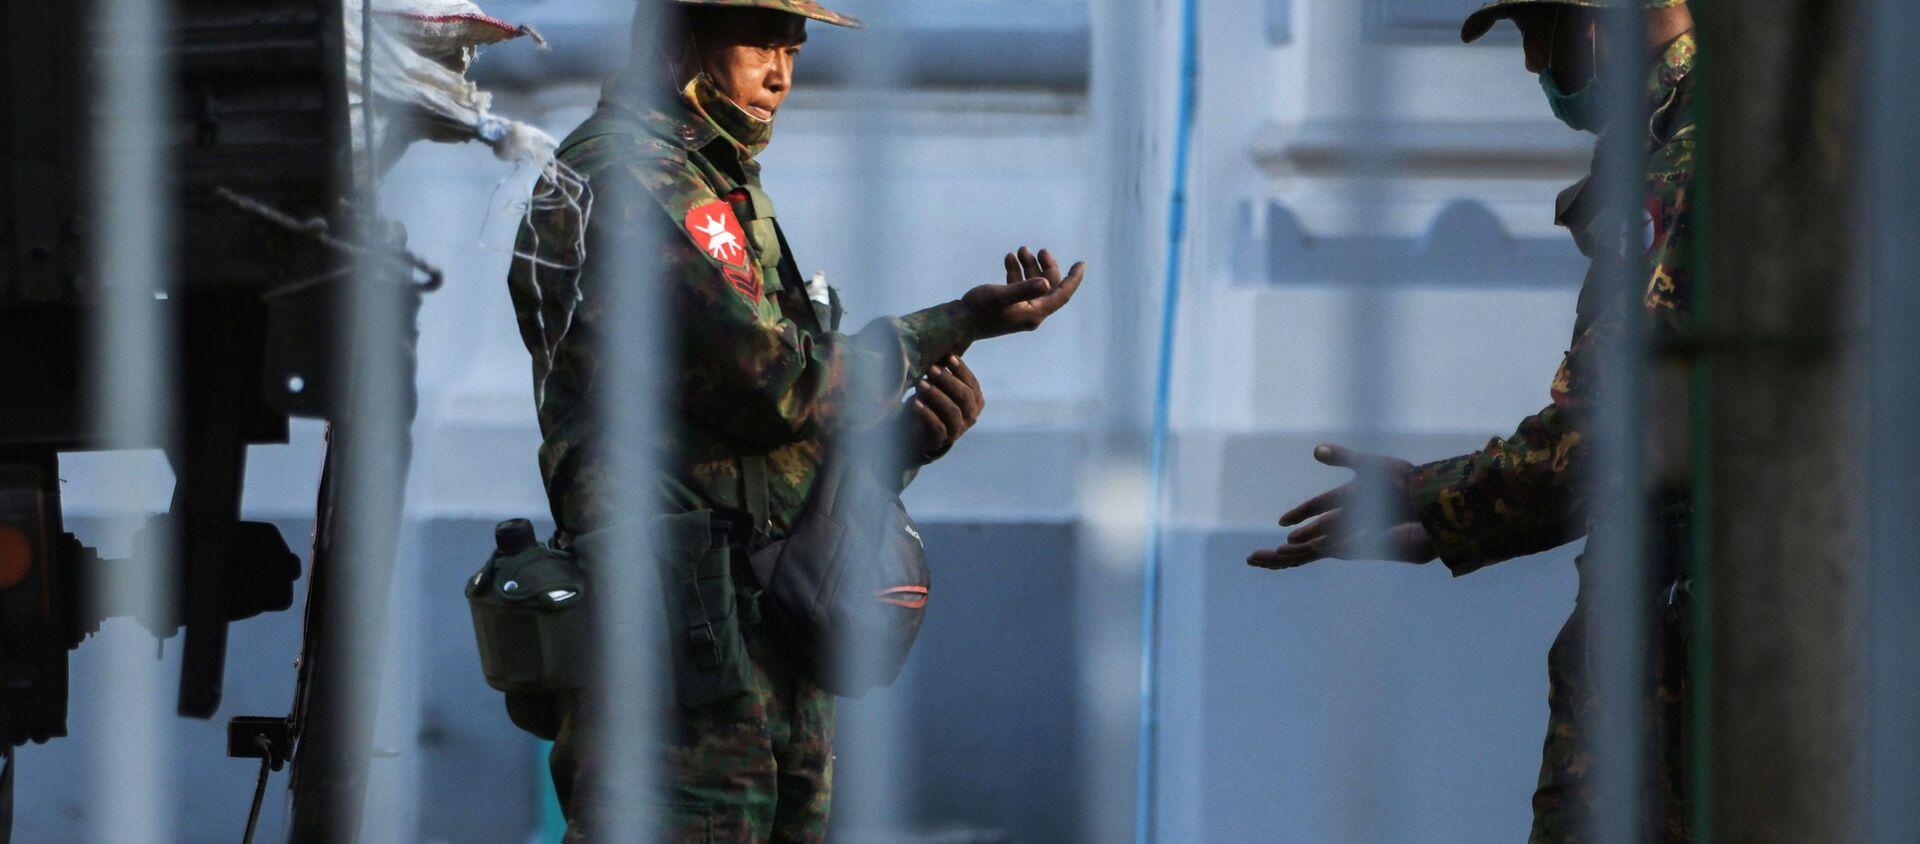 Militares en las calles y detenciones: Birmania se despierta tras el golpe de Estado   - Sputnik Mundo, 1920, 01.02.2021